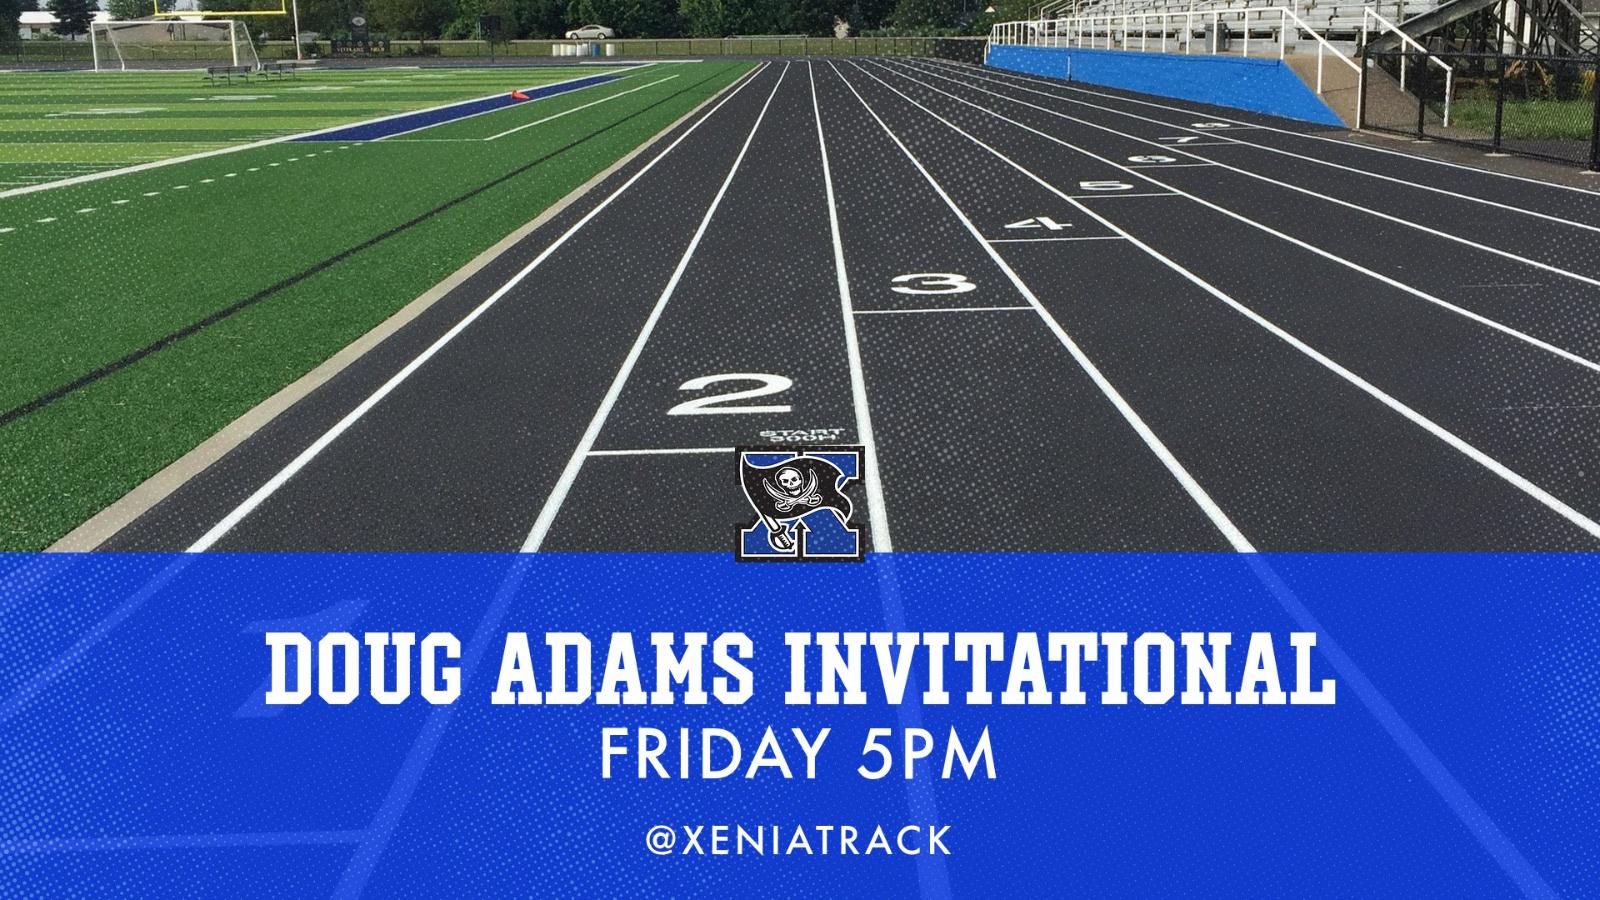 Xenia Set To Host Doug Adams Invitational Friday